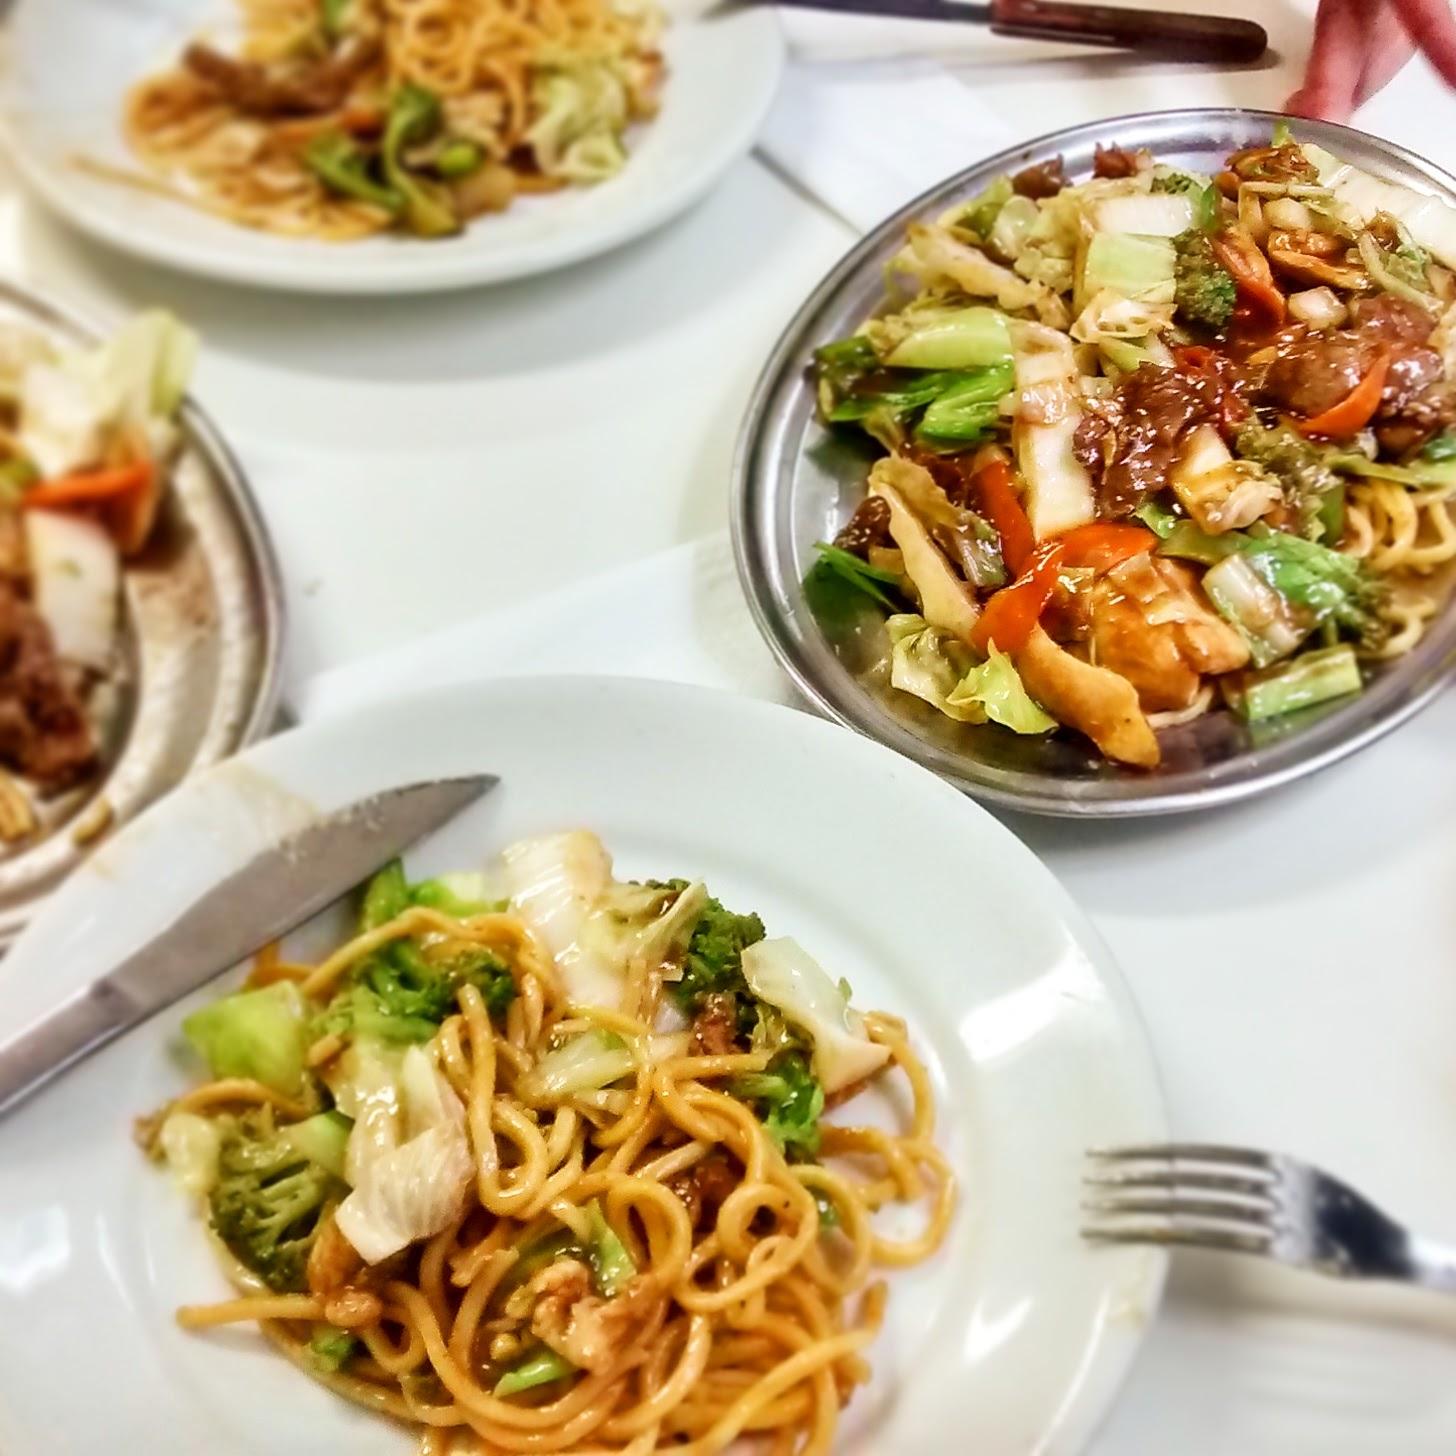 lugares para ir em sp,onde comer em sp,onde comer em sao paulo, yakisoba restaurante sato sp liberdade